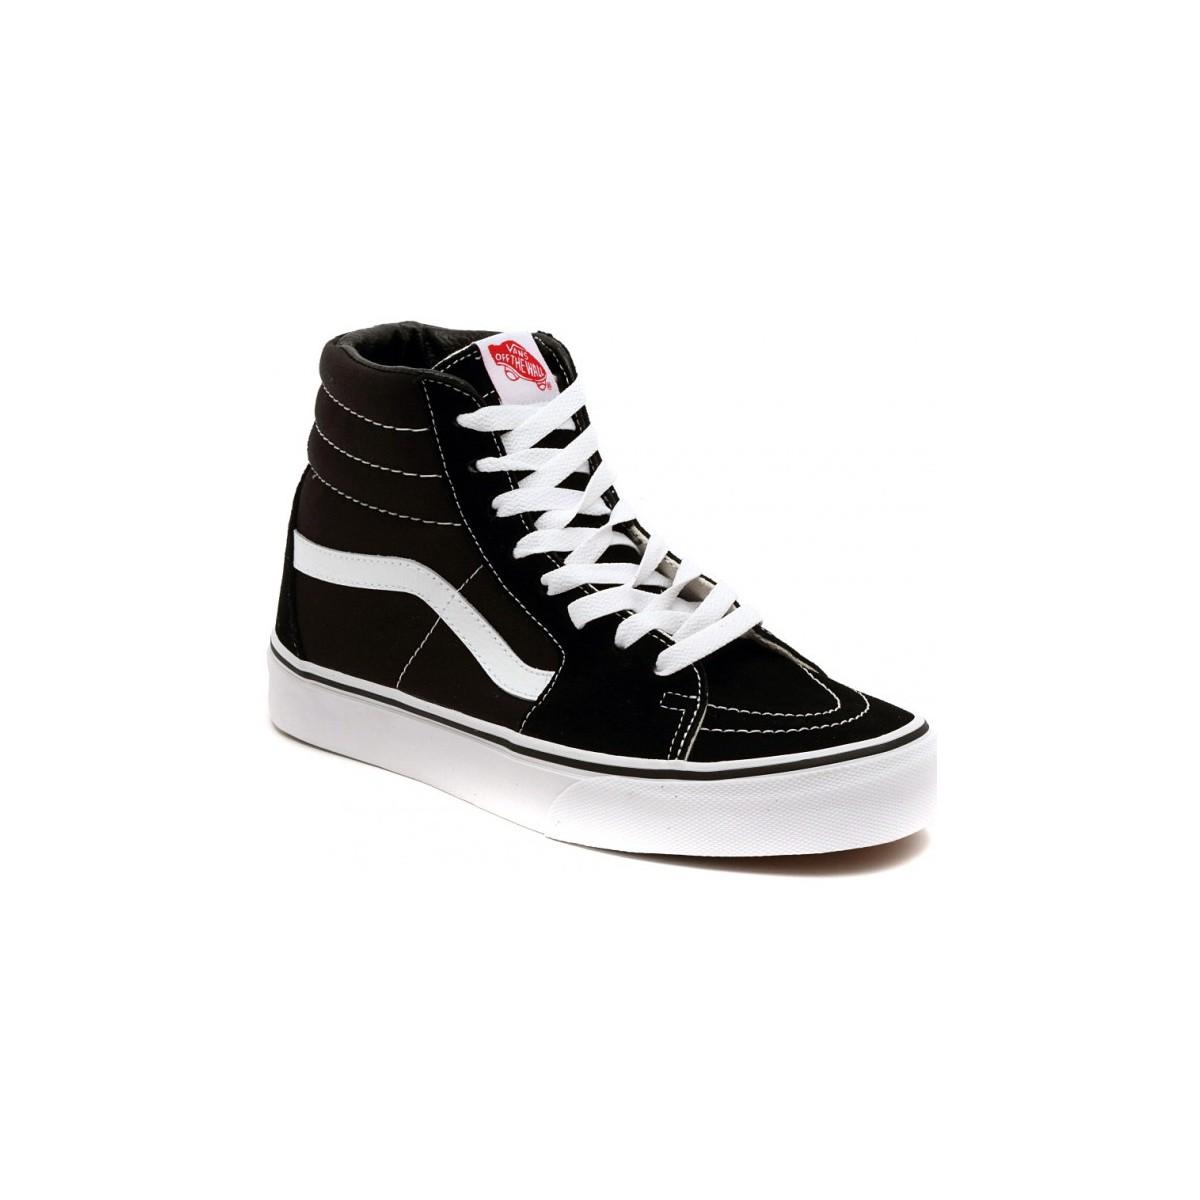 vans sk8 hi black chaussures basket montante 80 89. Black Bedroom Furniture Sets. Home Design Ideas